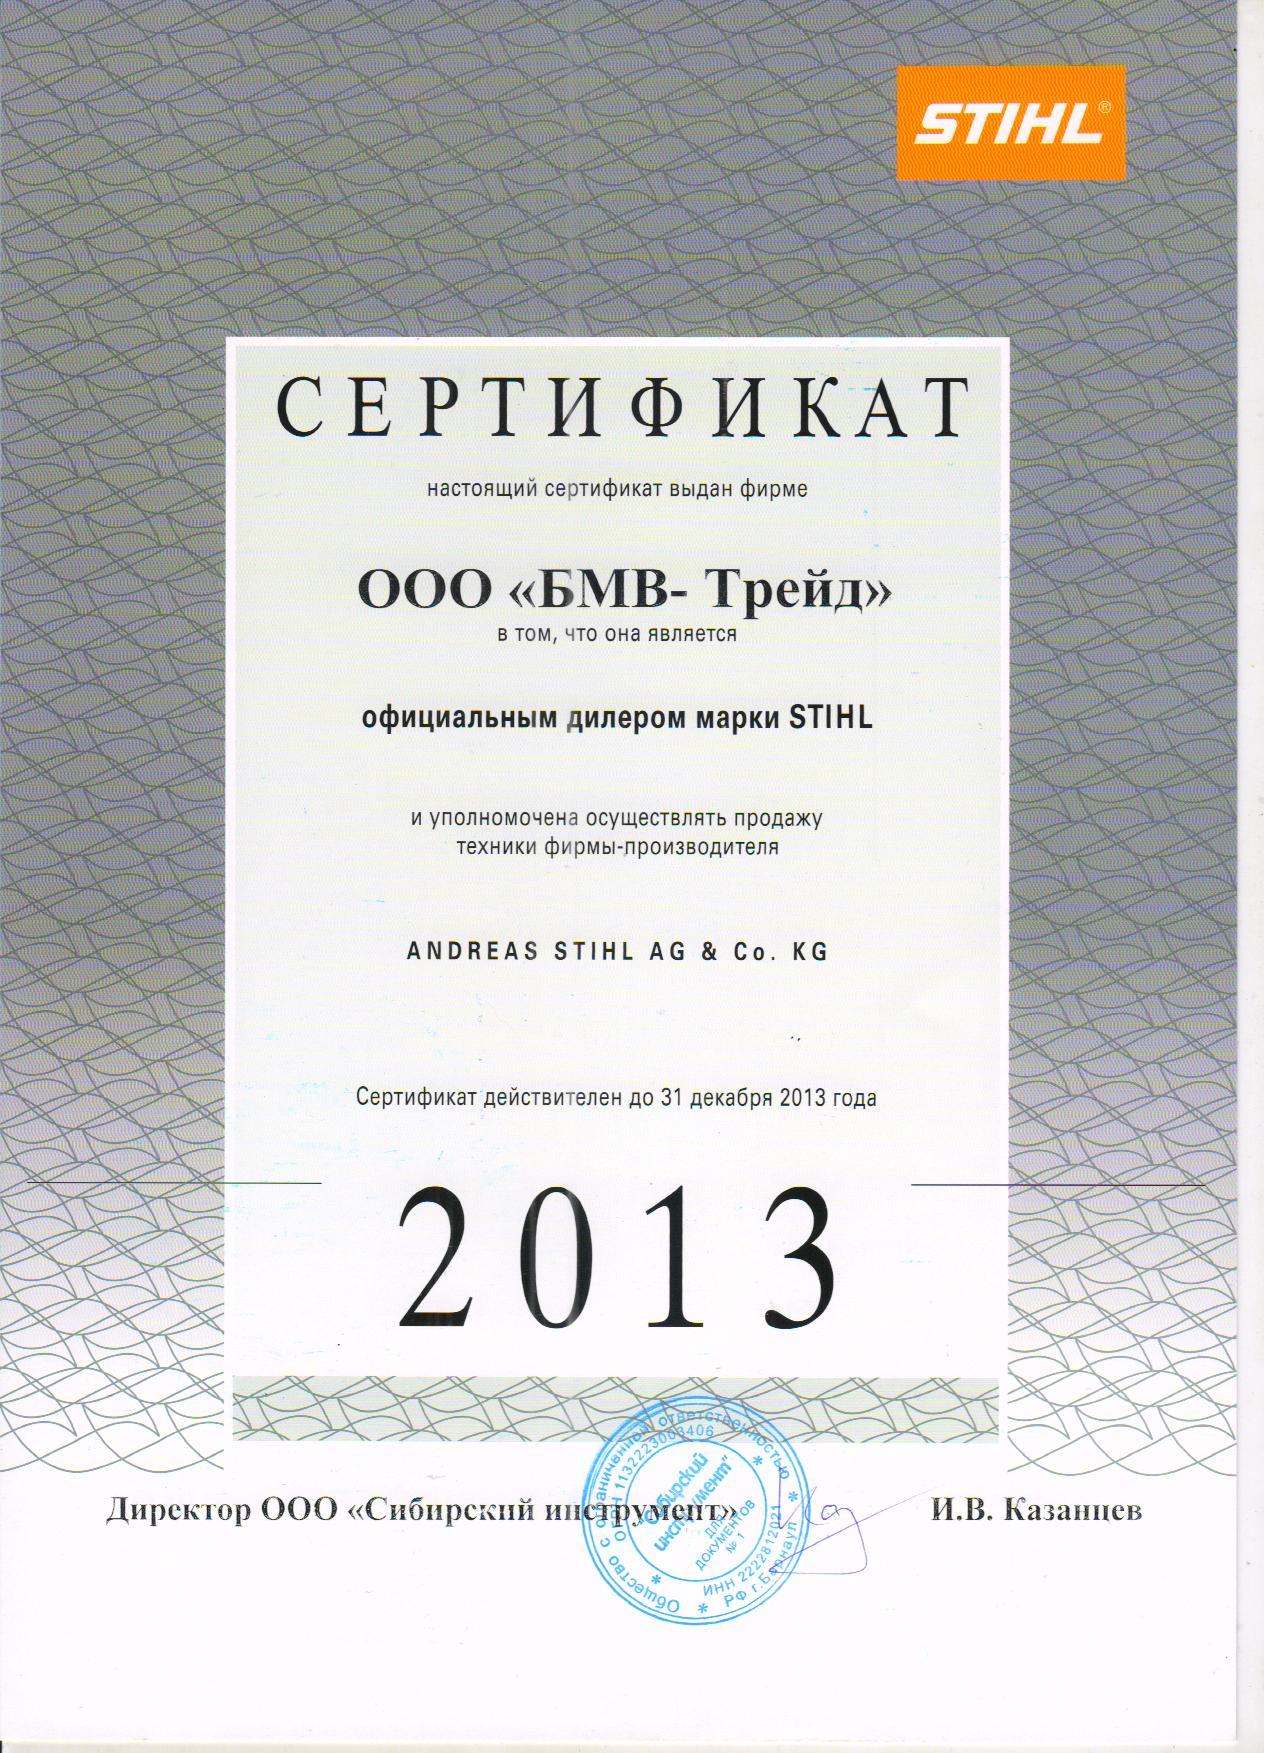 Сертификат дилера sthil.БМВ-Трейд